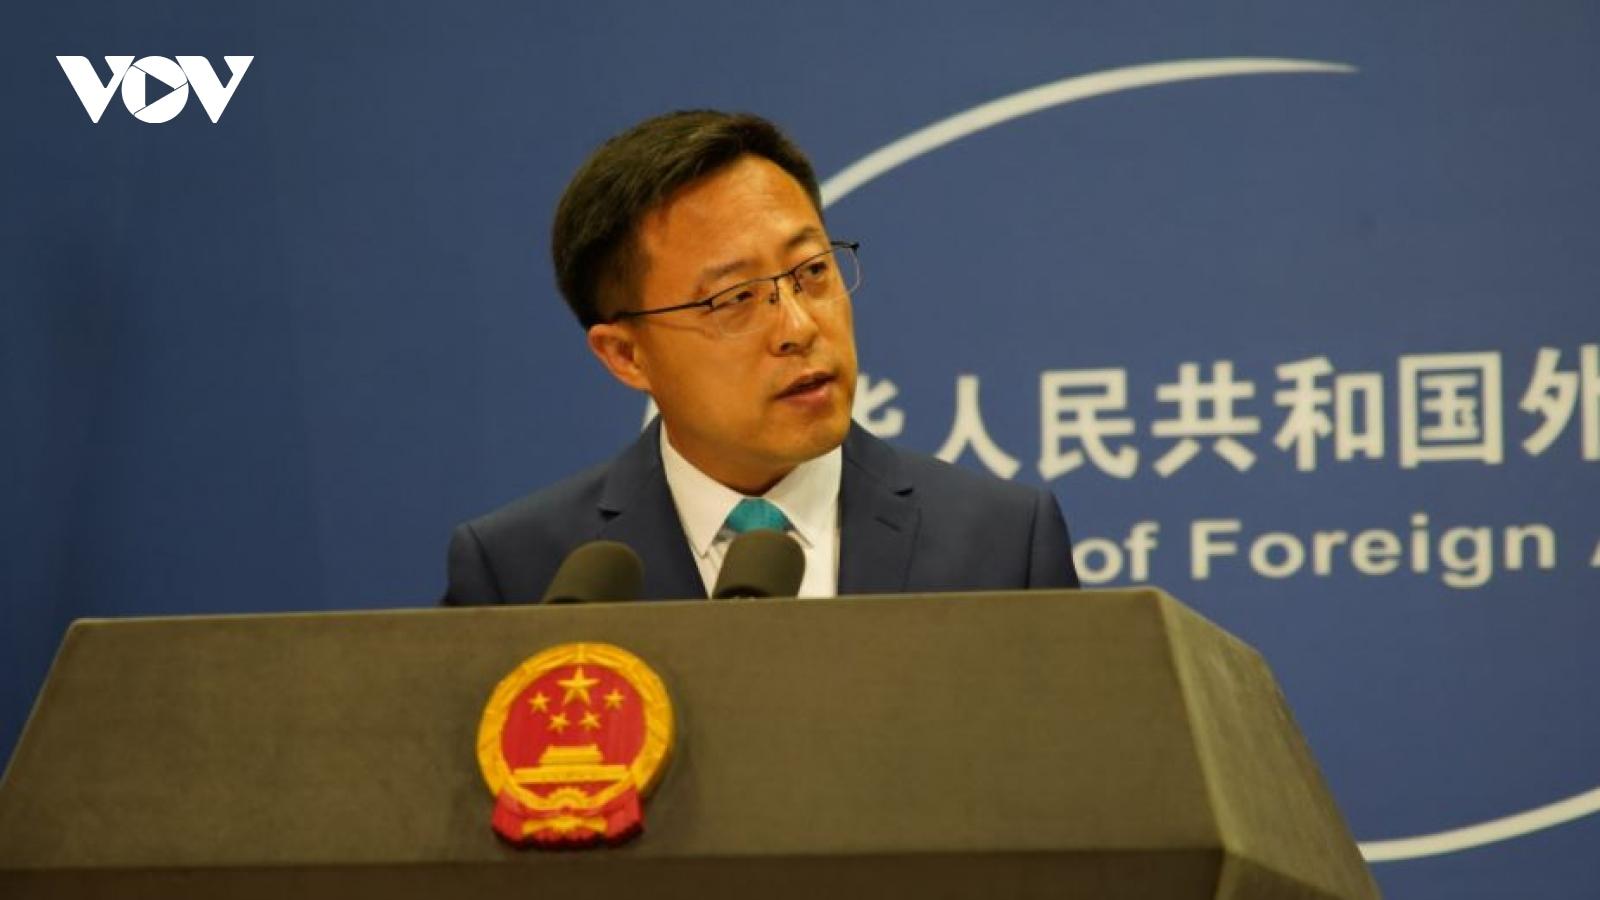 Trung Quốc tiếp tục thể hiện thái độ cứng rắn về vấn đề Đài Loan